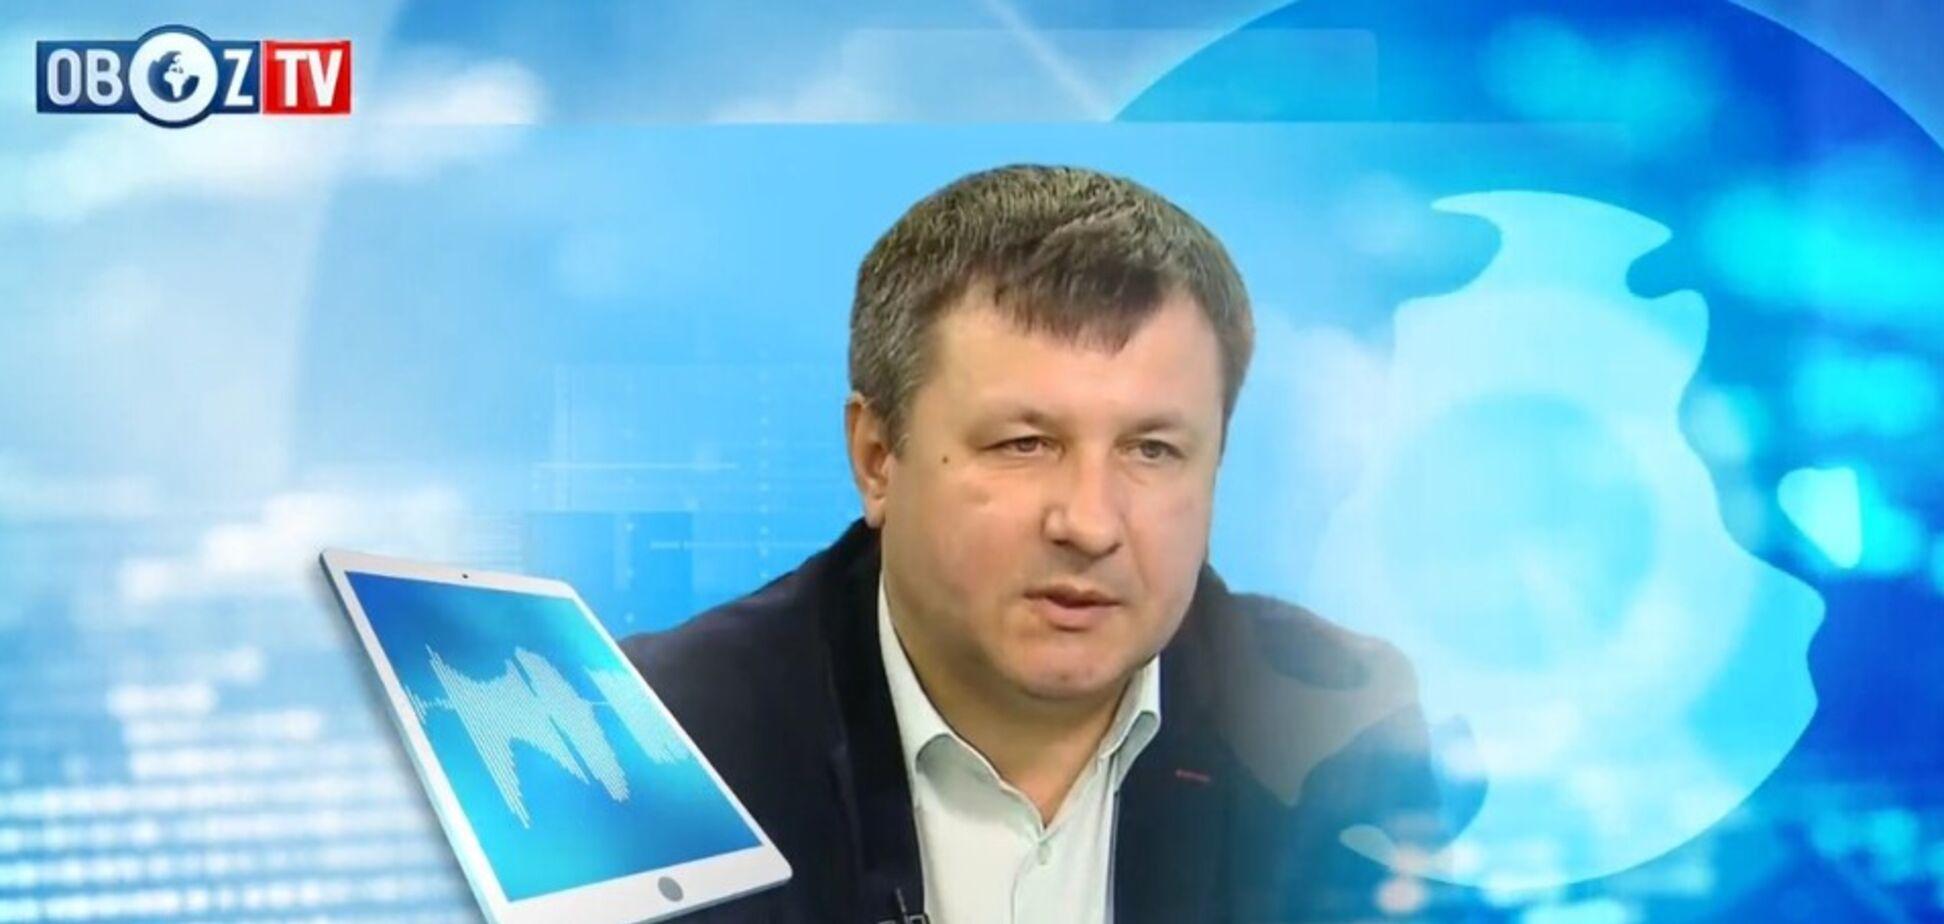 Безвіз для британців: чи варто Україні очікувати аналогічної поведінки від Лондона